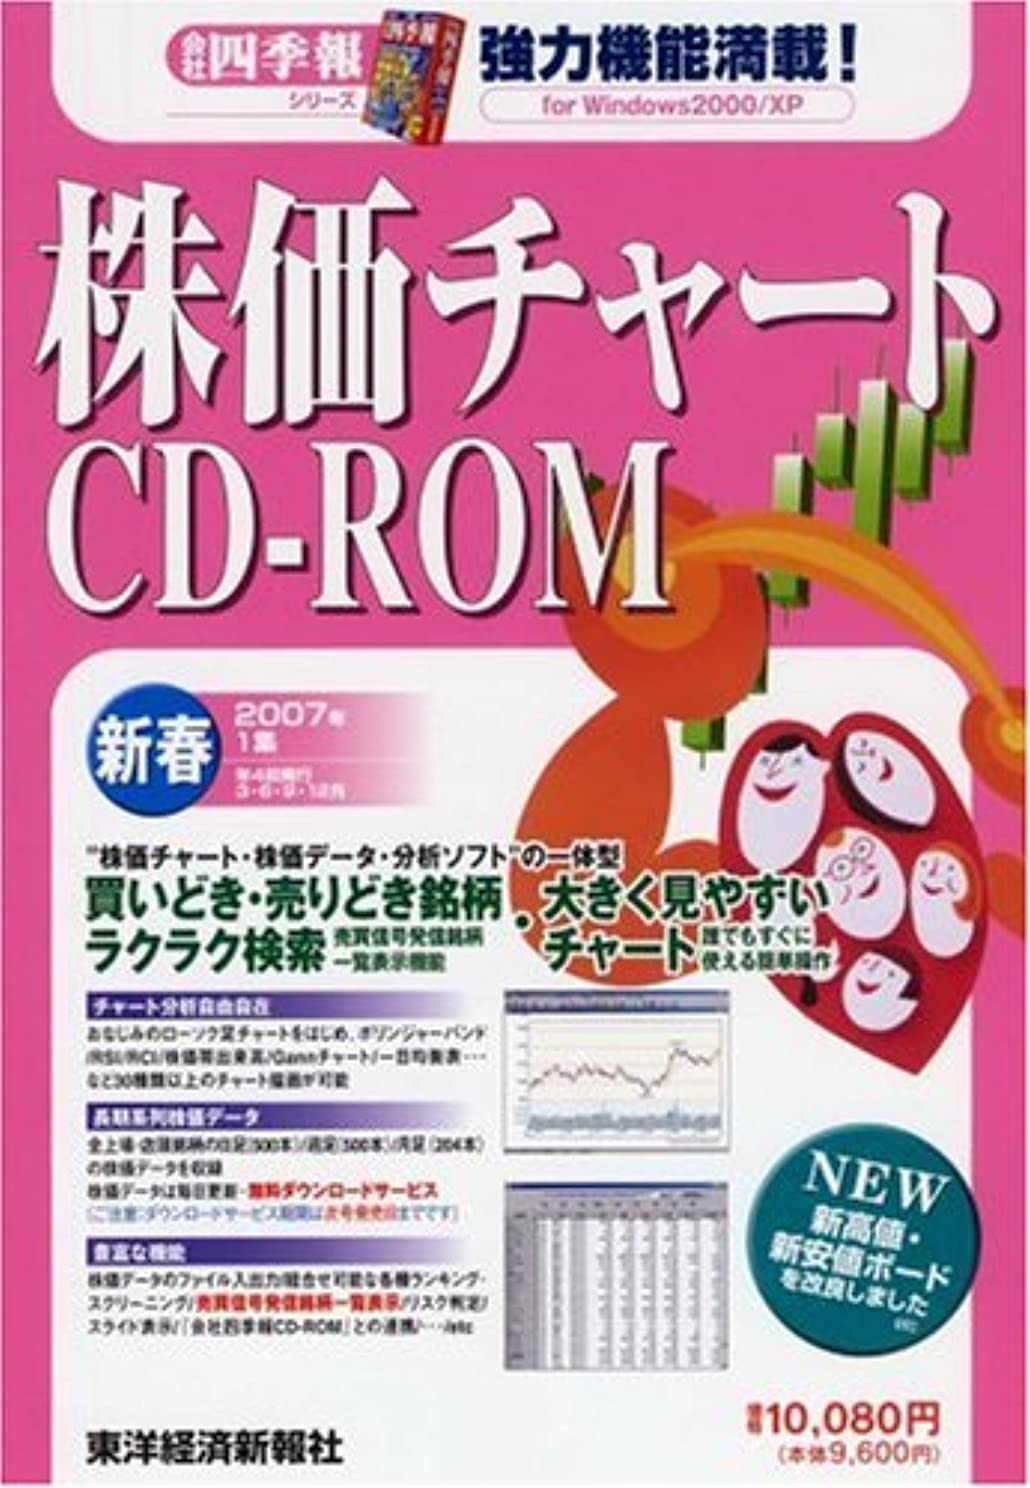 大騒ぎ影響を受けやすいです効能ある株価チャートCD-ROM 2007年 1集新春号